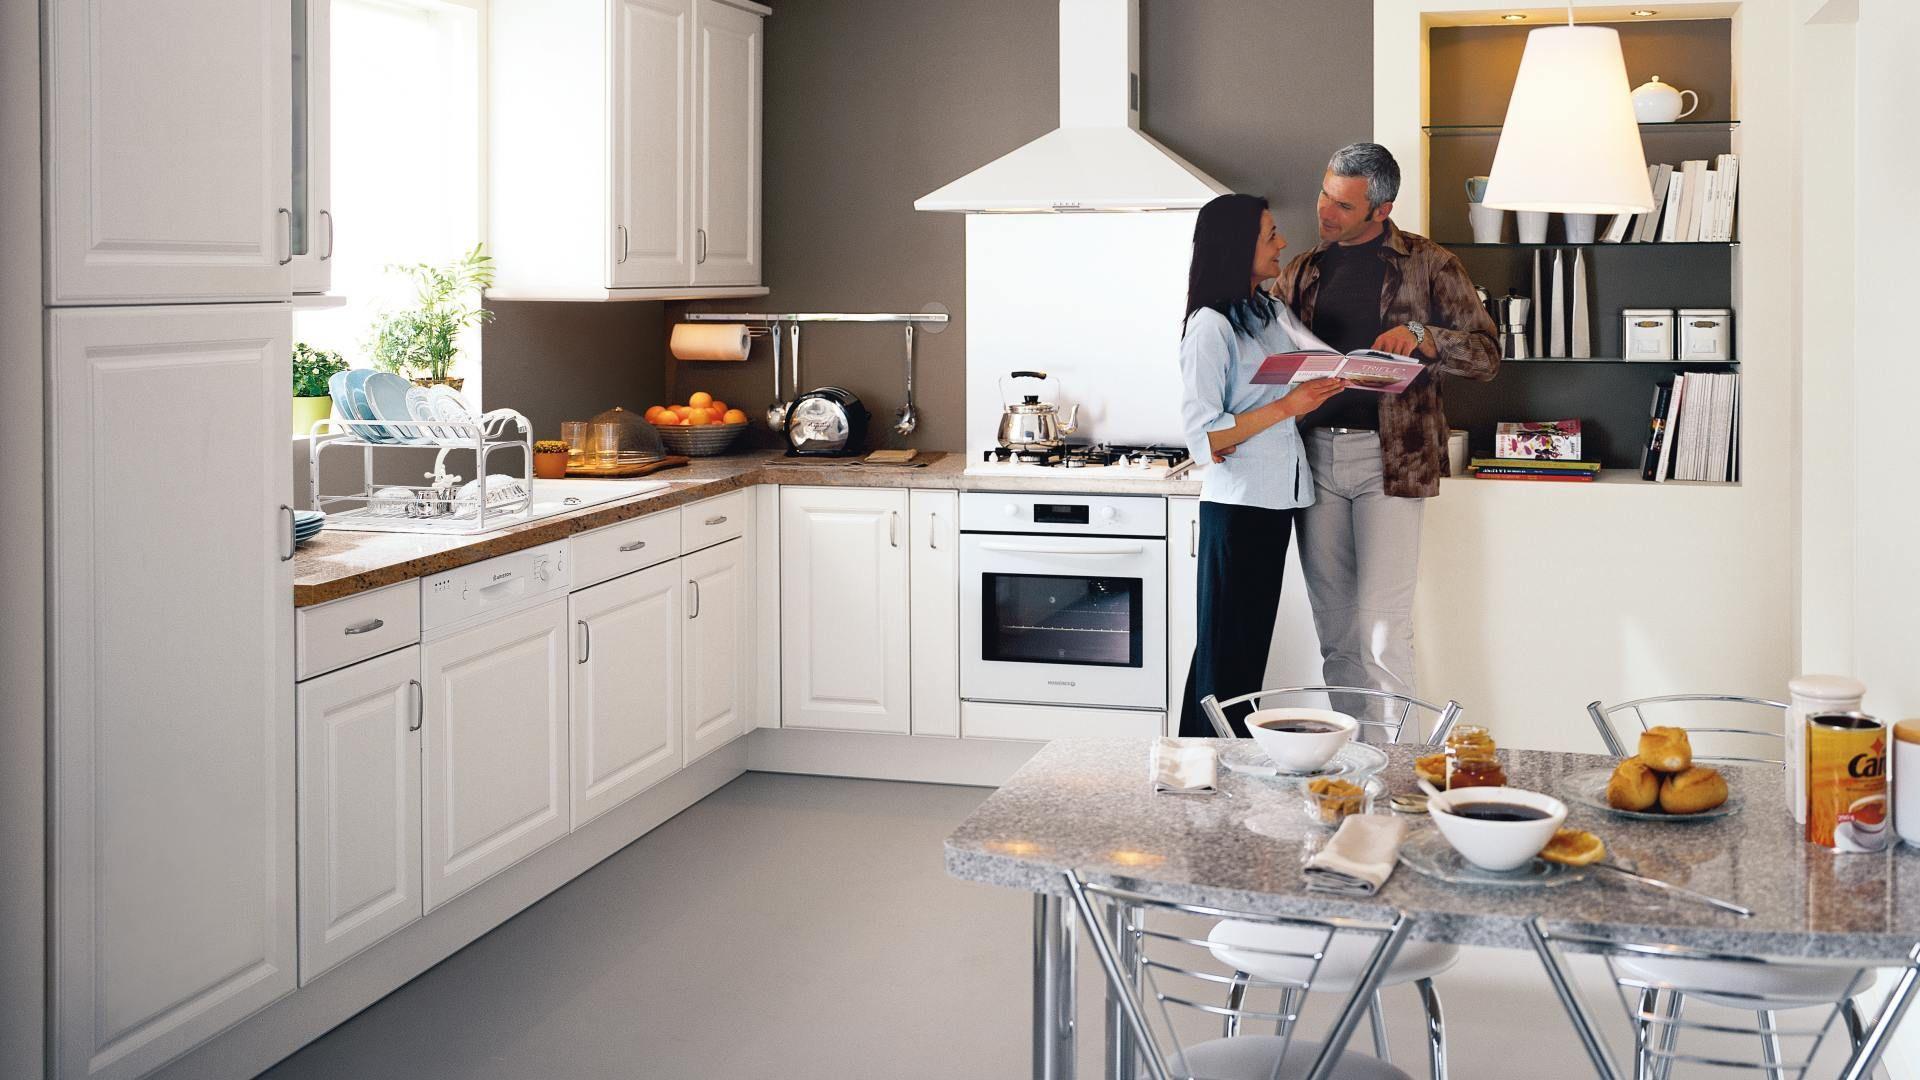 Free design et classiques et configurez la cuisine de vos rves selon vos envies et vos critres - Cuisine discount vendenheim ...